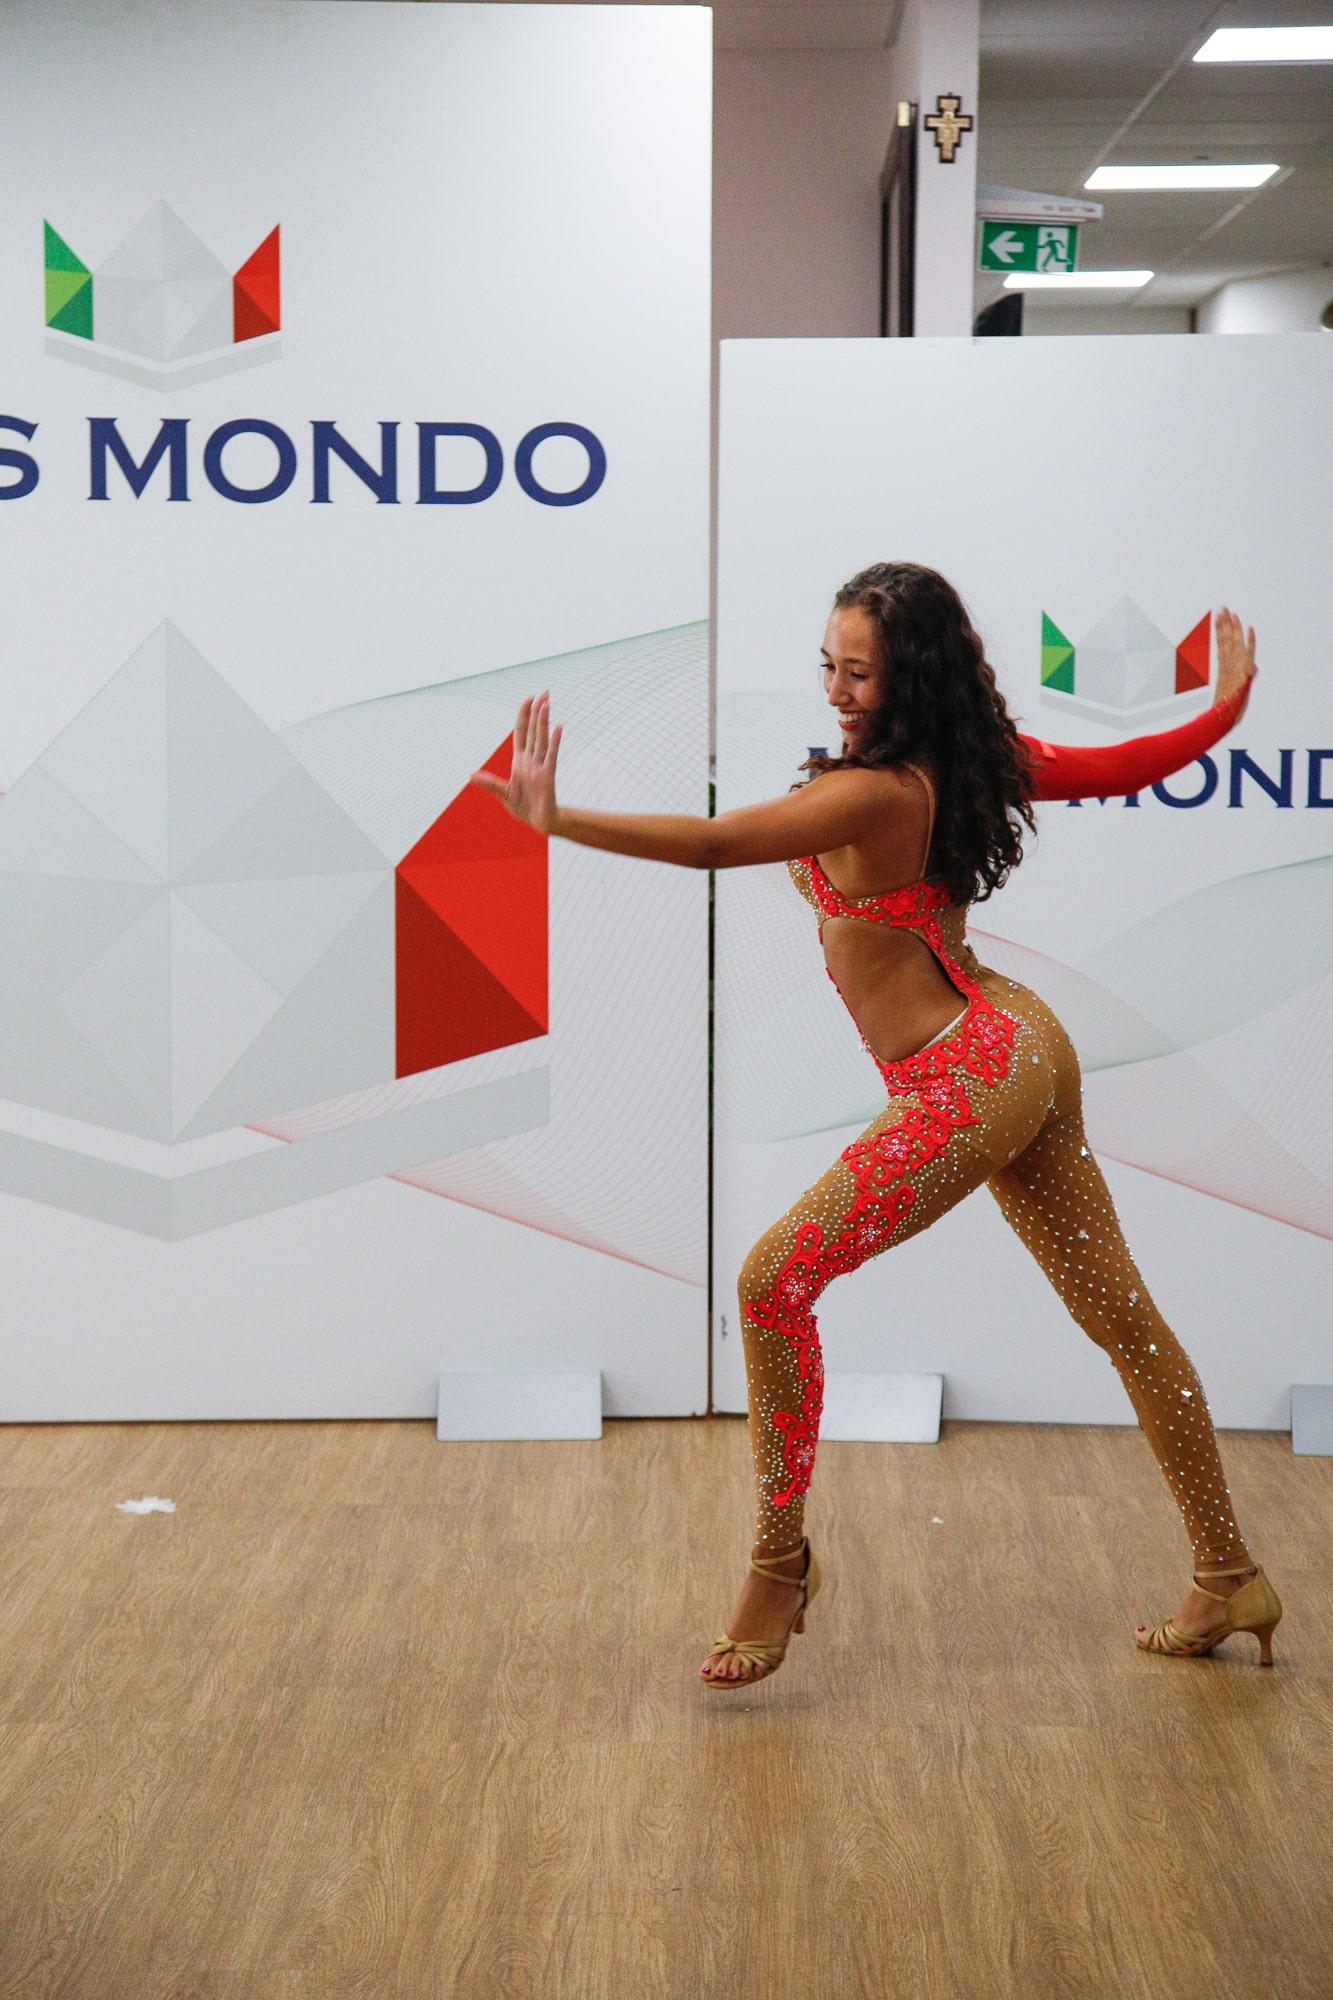 Finale nazione Miss Mondo Italia 2021 Audizione Talent 2 - 16